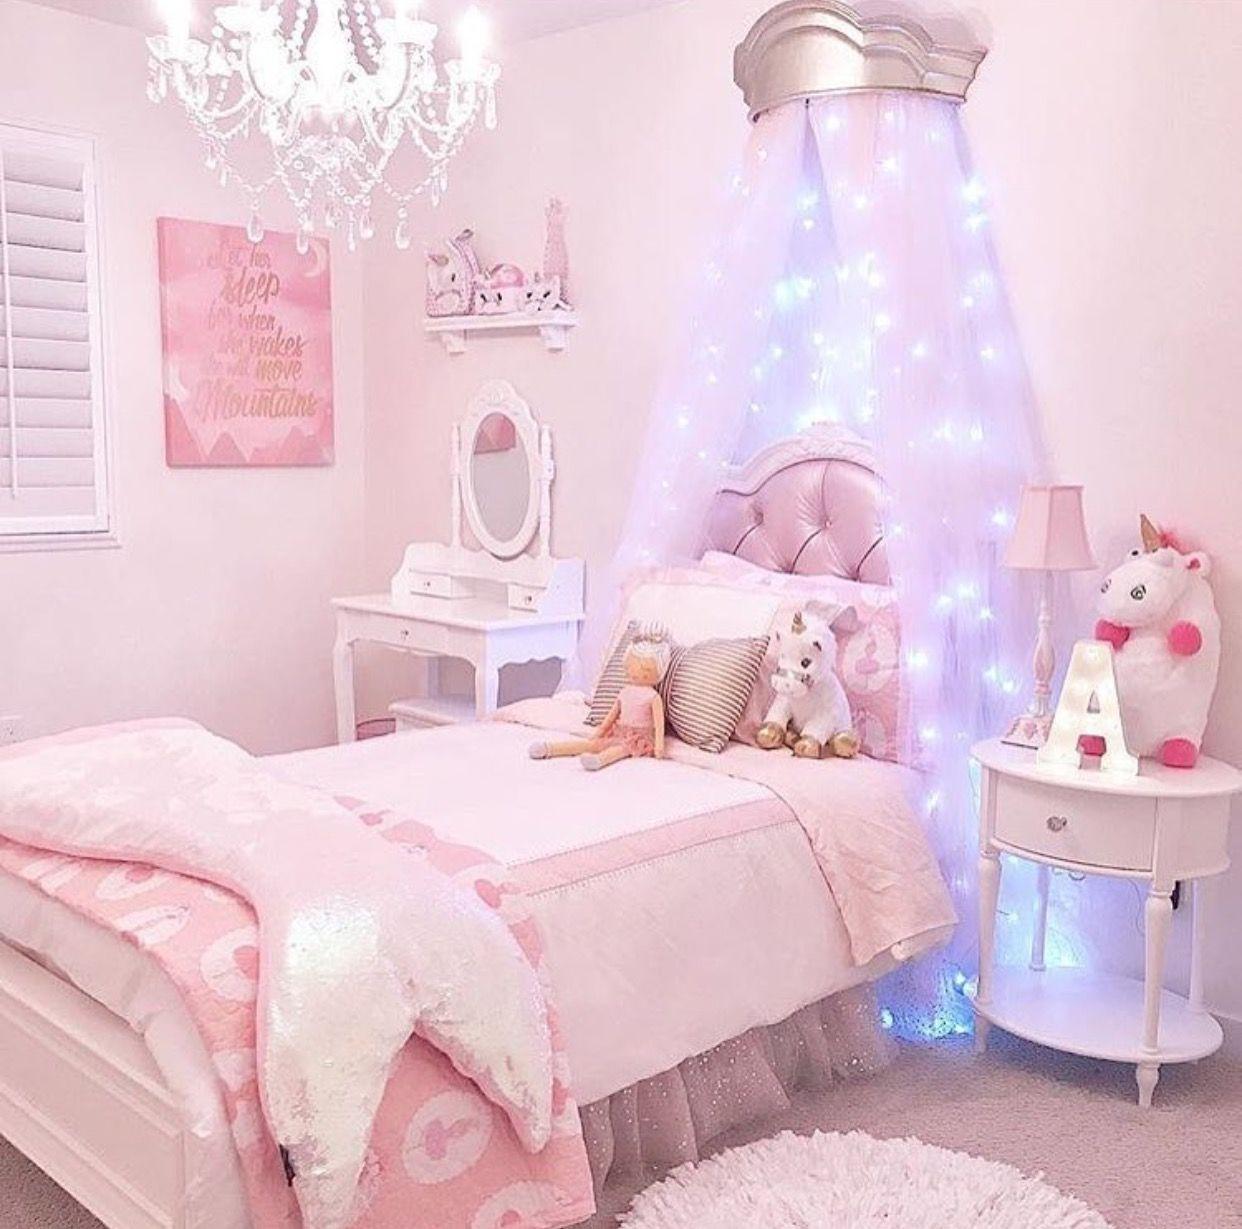 Ala Princess, 4 Inspirasi Desain Kamar Tidur Pink untuk Si Buah